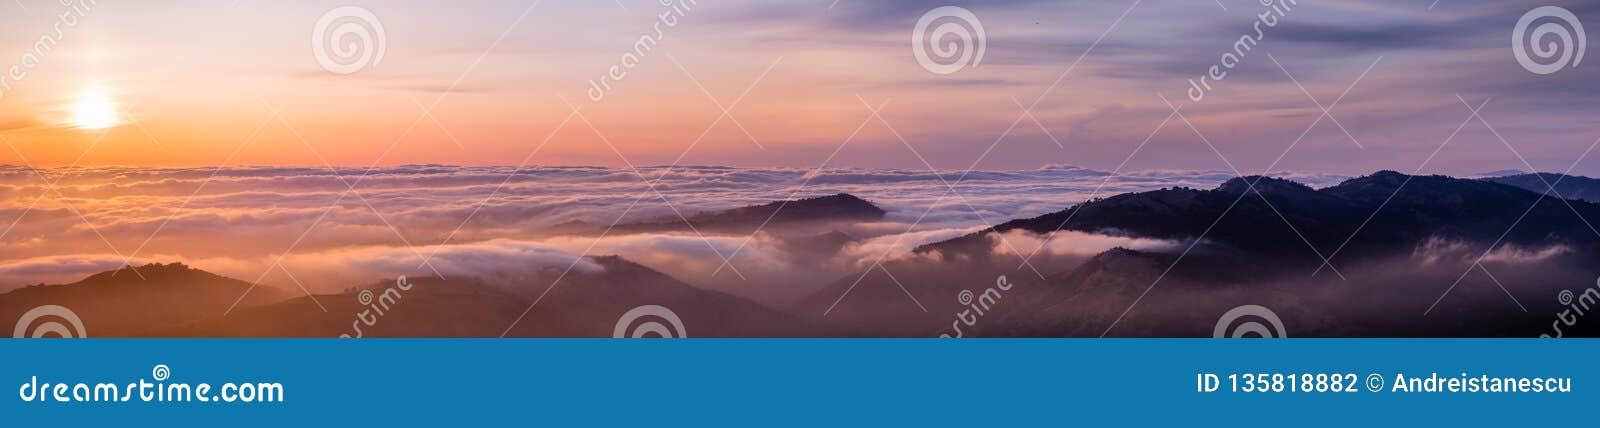 Panoramiczny widok zmierzch nad morzem chmury zakrywa południowego San Francisco zatoki teren; halne granie w przedpolu; widok